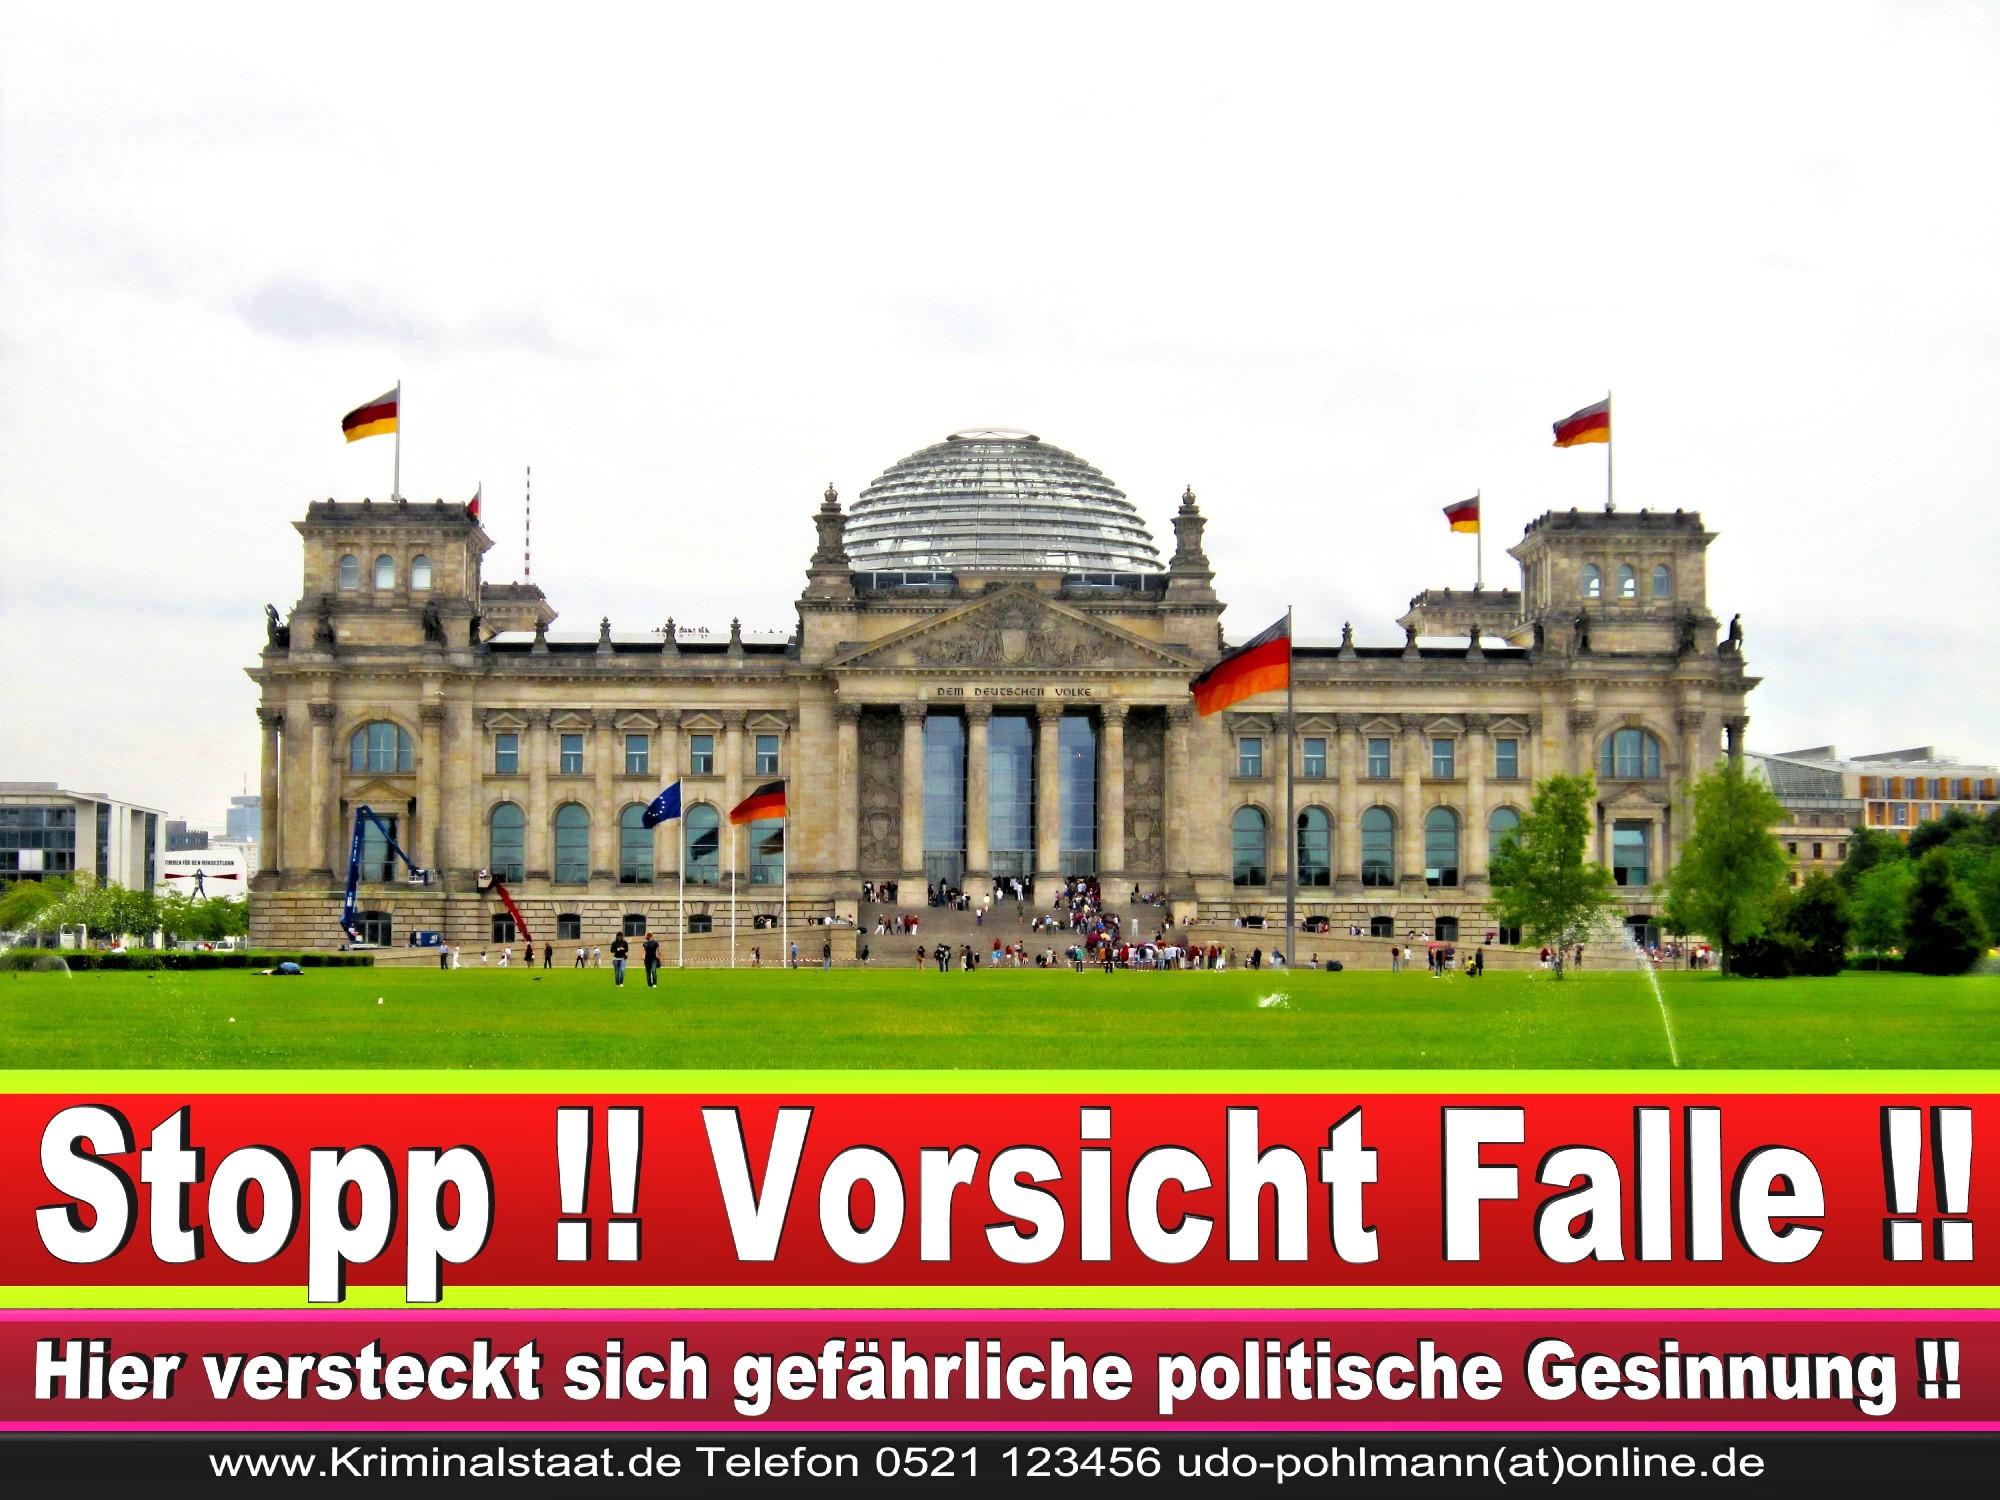 Reichstag Berlin Hd Deutsche Korruption Meldestelle 0521 123456 Edit